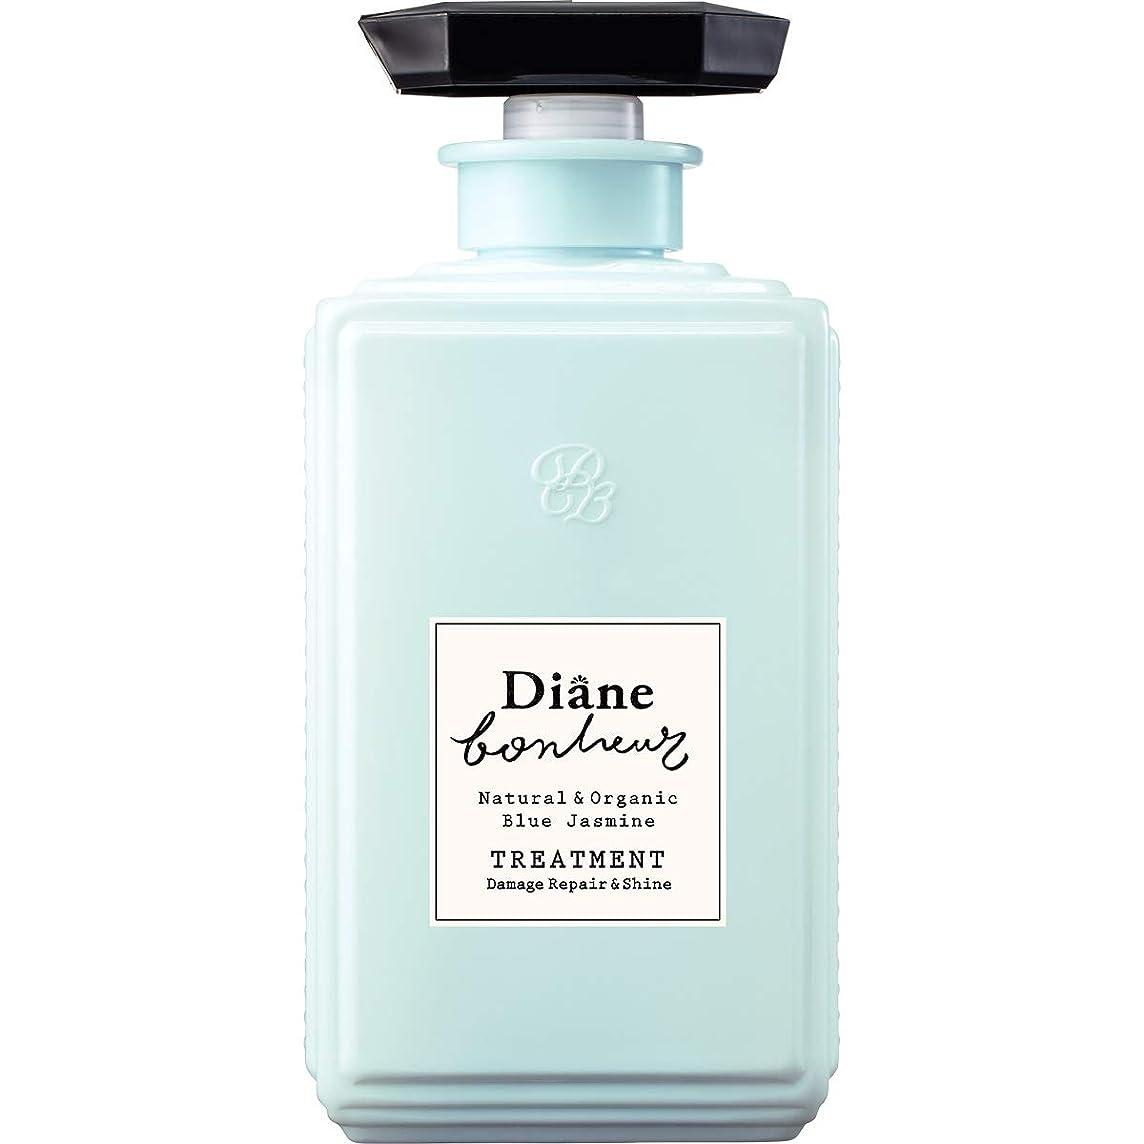 ガレージぎこちない良さダイアン ボヌール トリートメント ブルージャスミンの香り ダメージリペア&シャイン 500ml